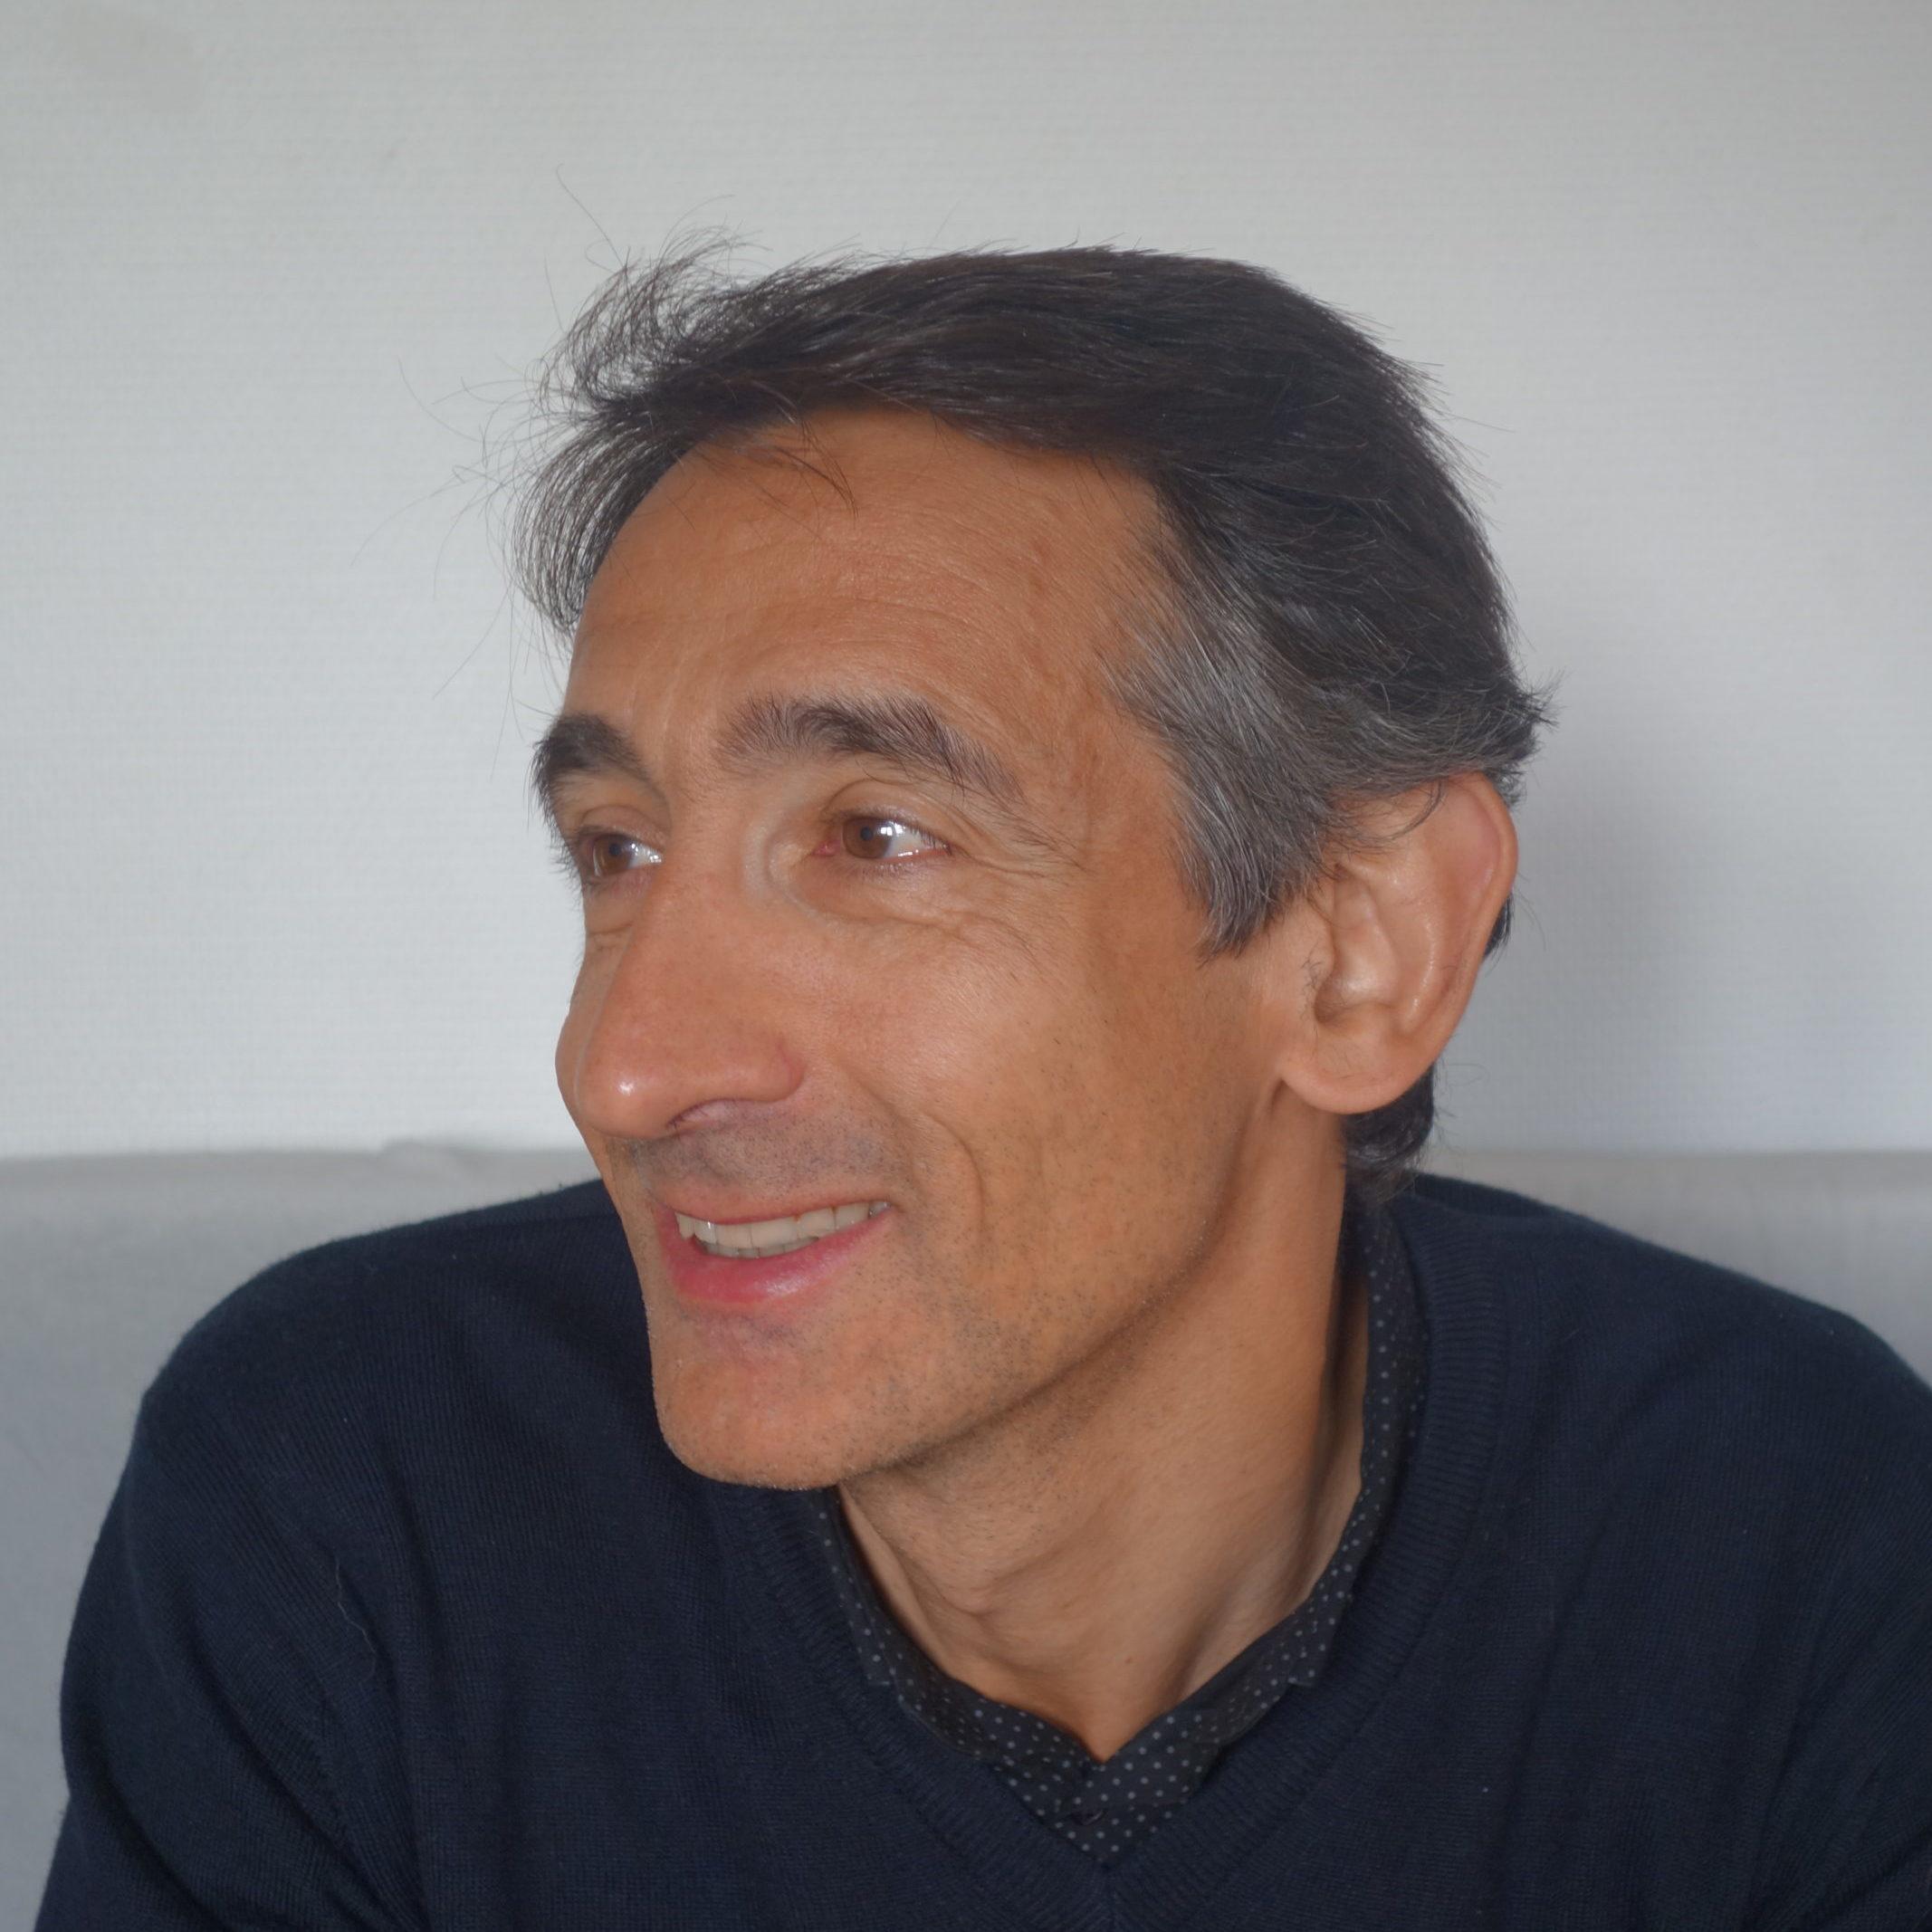 Joël Baqué